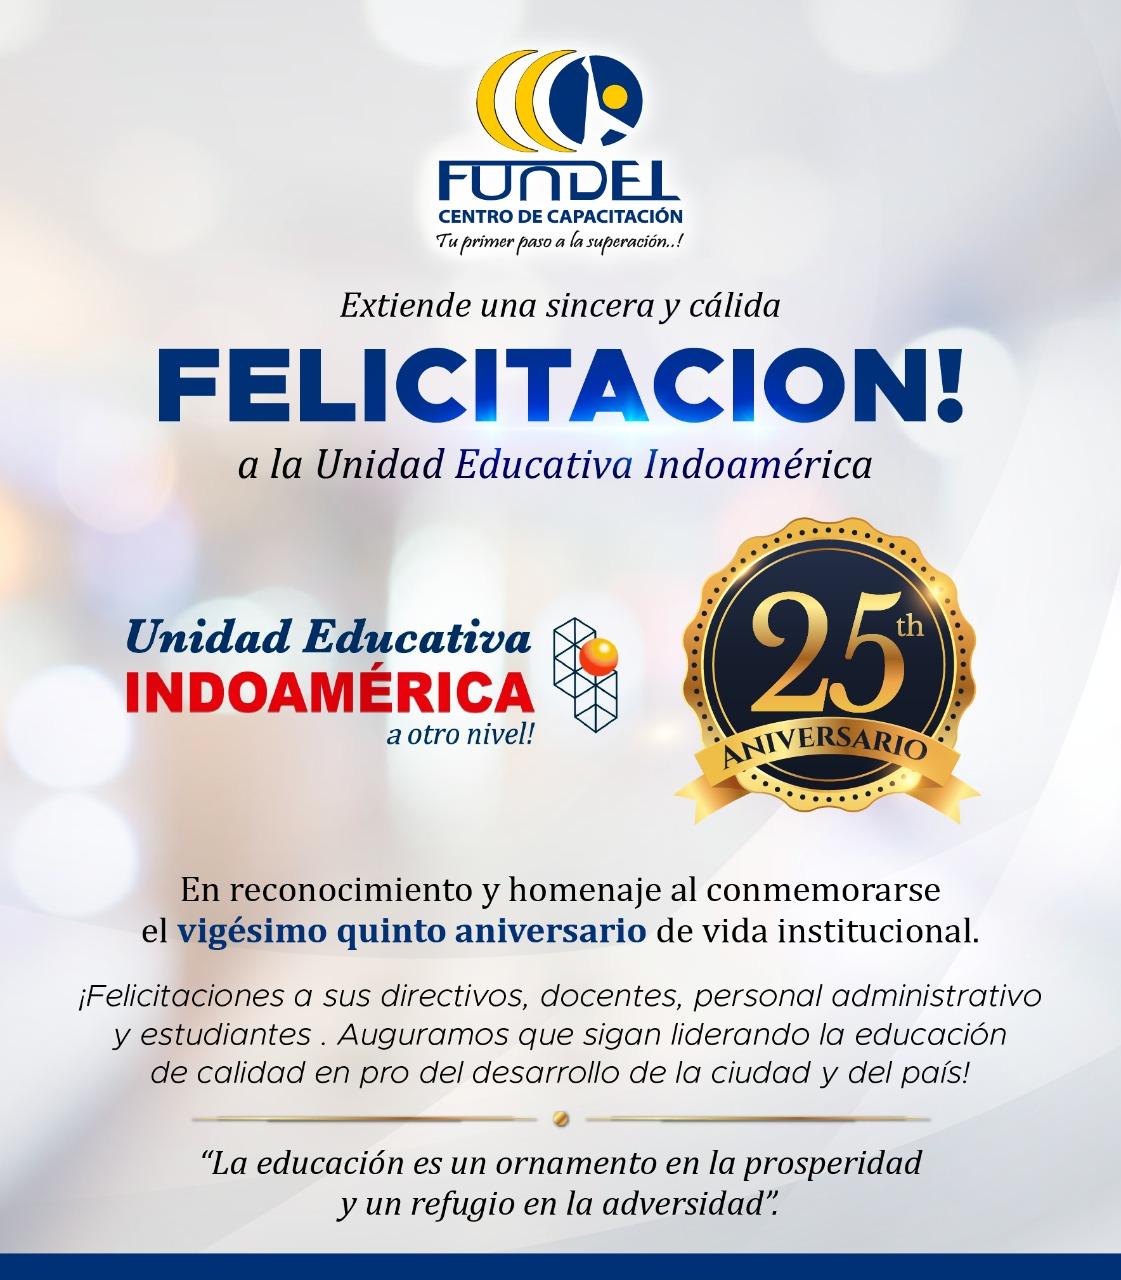 Fundel: Centro de Capacitación felicita a la Unidad Educativa Indoamérica por sus 25 años de Vida Institucional